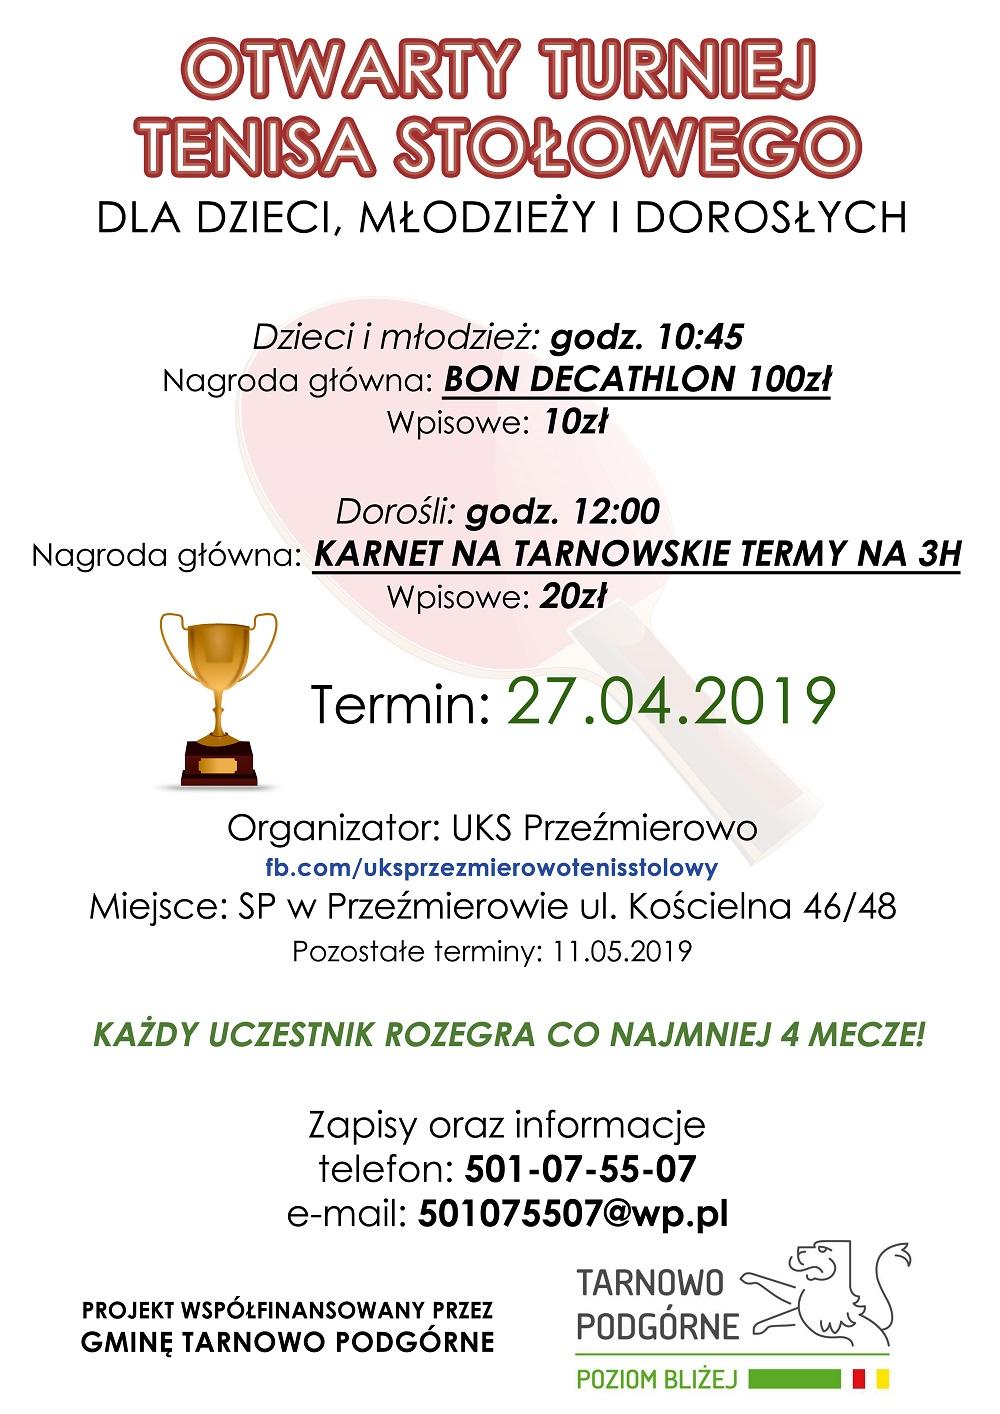 Plakat turnieju Otwarty turniej tenisa stołowego dla dzieci, młodzieży i dorosłych - Przeźmierowo